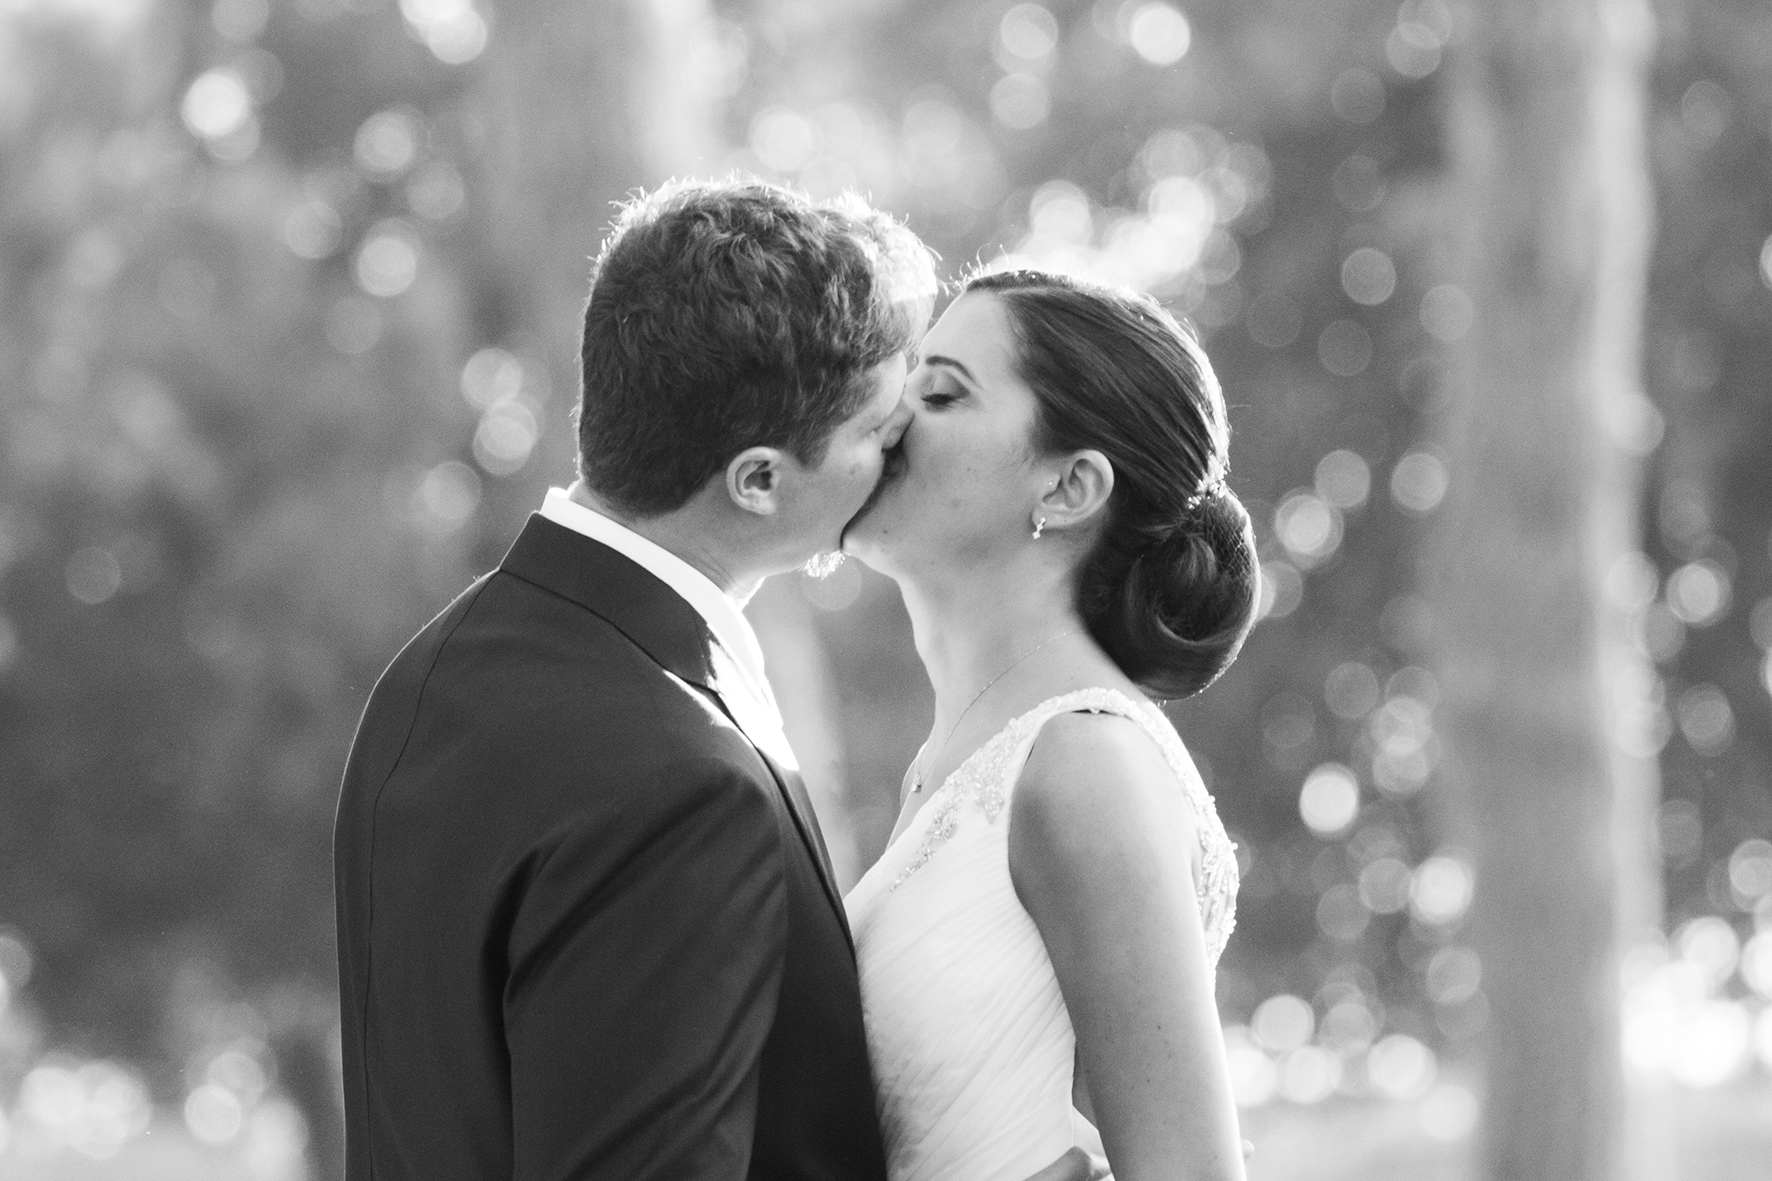 34-fotografia-matrimonio-napoli-bacio-degli-sposi